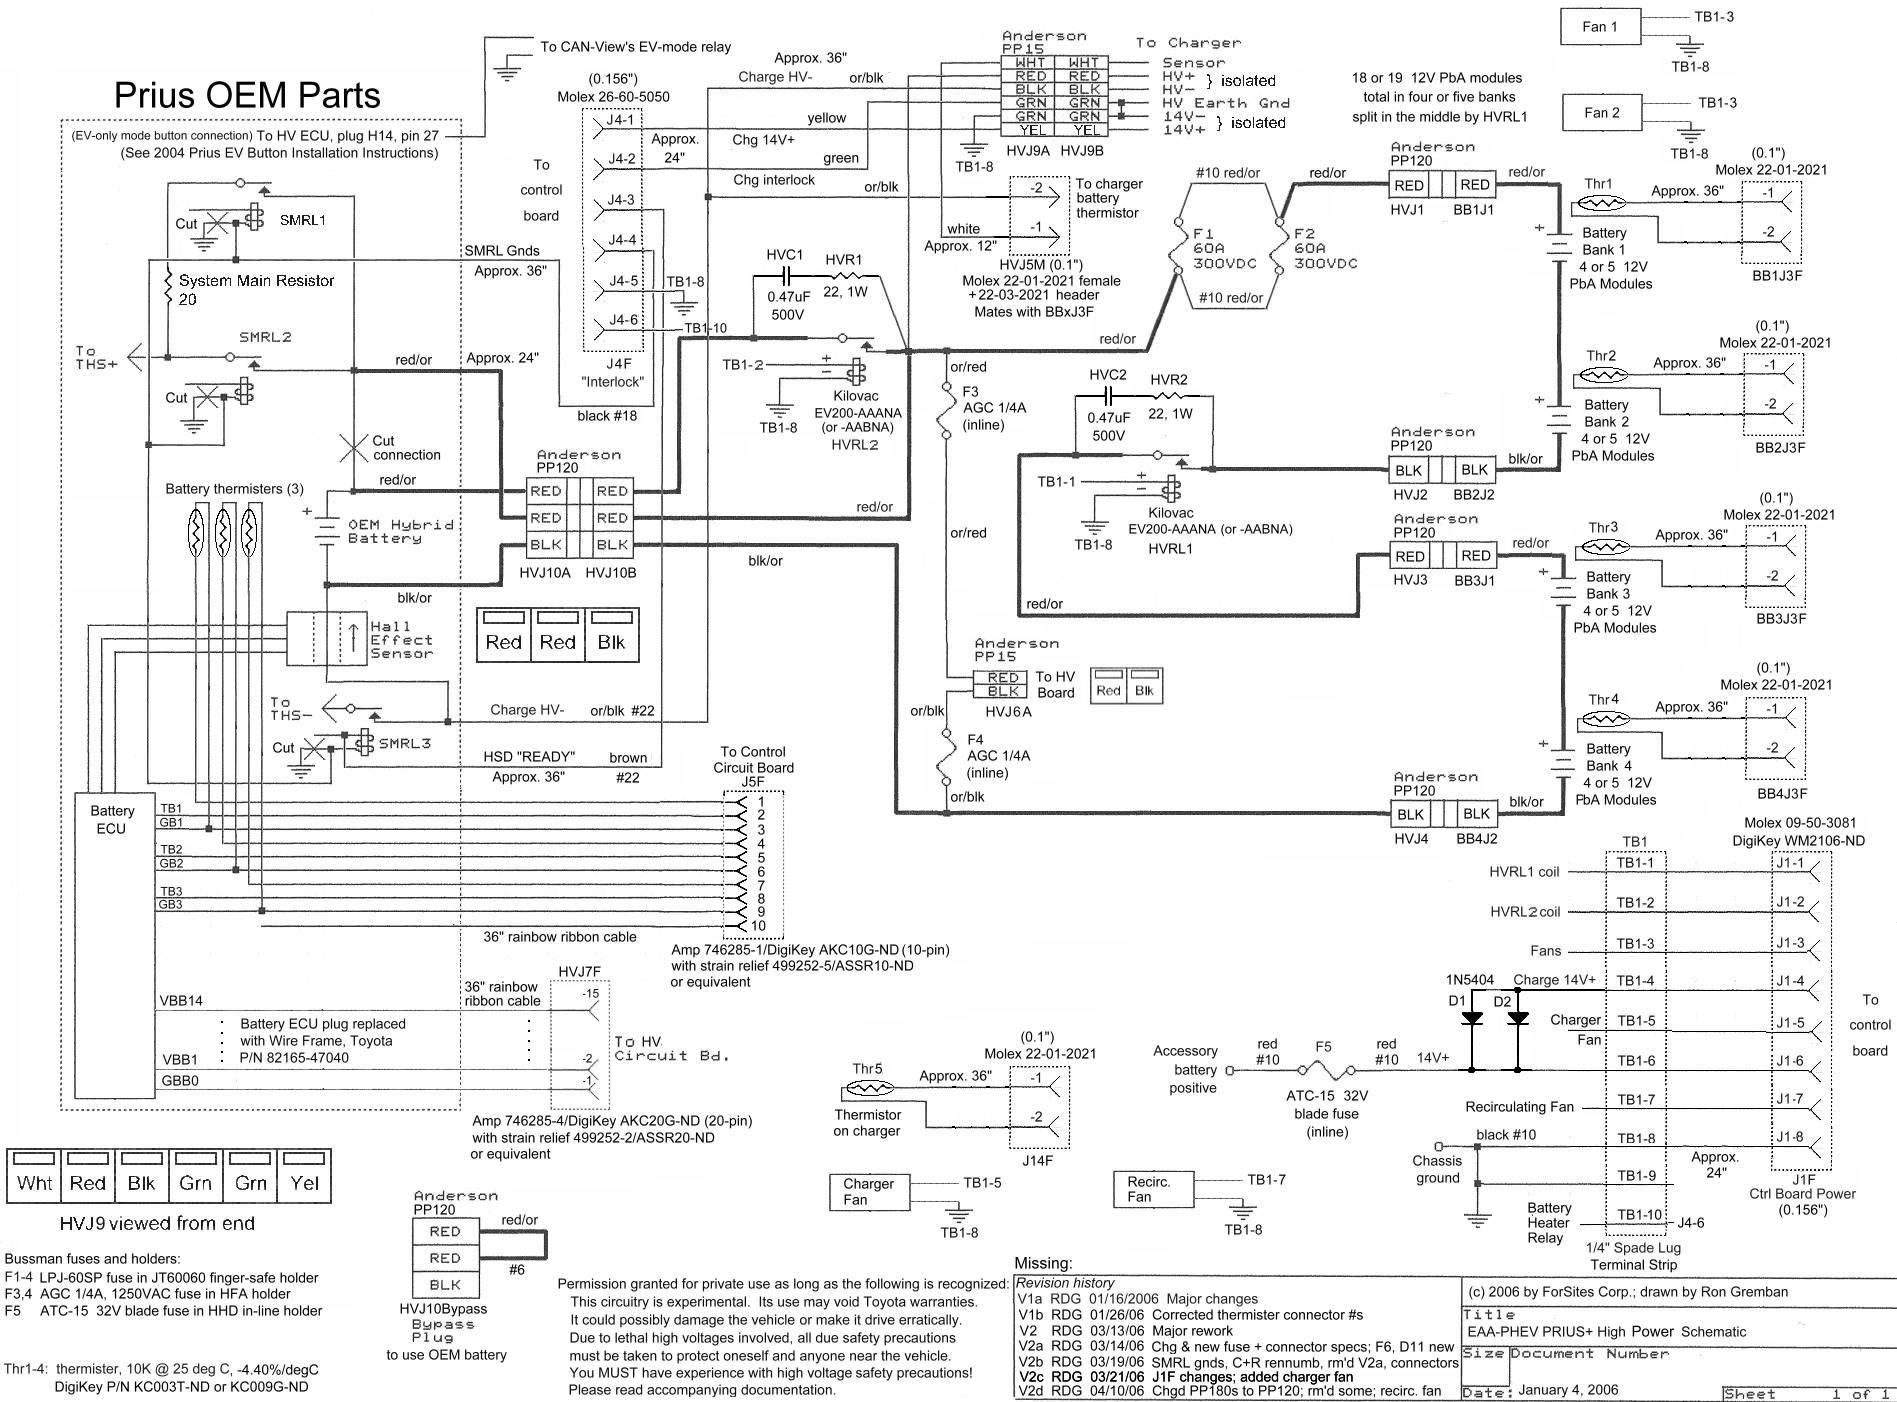 Toyota Prius Schematic - Wiring Diagram Dash on forester wiring diagram, avalon wiring diagram, land cruiser wiring diagram, galant wiring diagram, yukon wiring diagram, cooper wiring diagram, versa wiring diagram, g6 wiring diagram, defender 90 wiring diagram, celica wiring diagram, model wiring diagram, legacy wiring diagram, frontier wiring diagram, matrix wiring diagram, evo wiring diagram, brz wiring diagram, challenger wiring diagram, xv crosstrek wiring diagram, traverse wiring diagram, fusion wiring diagram,